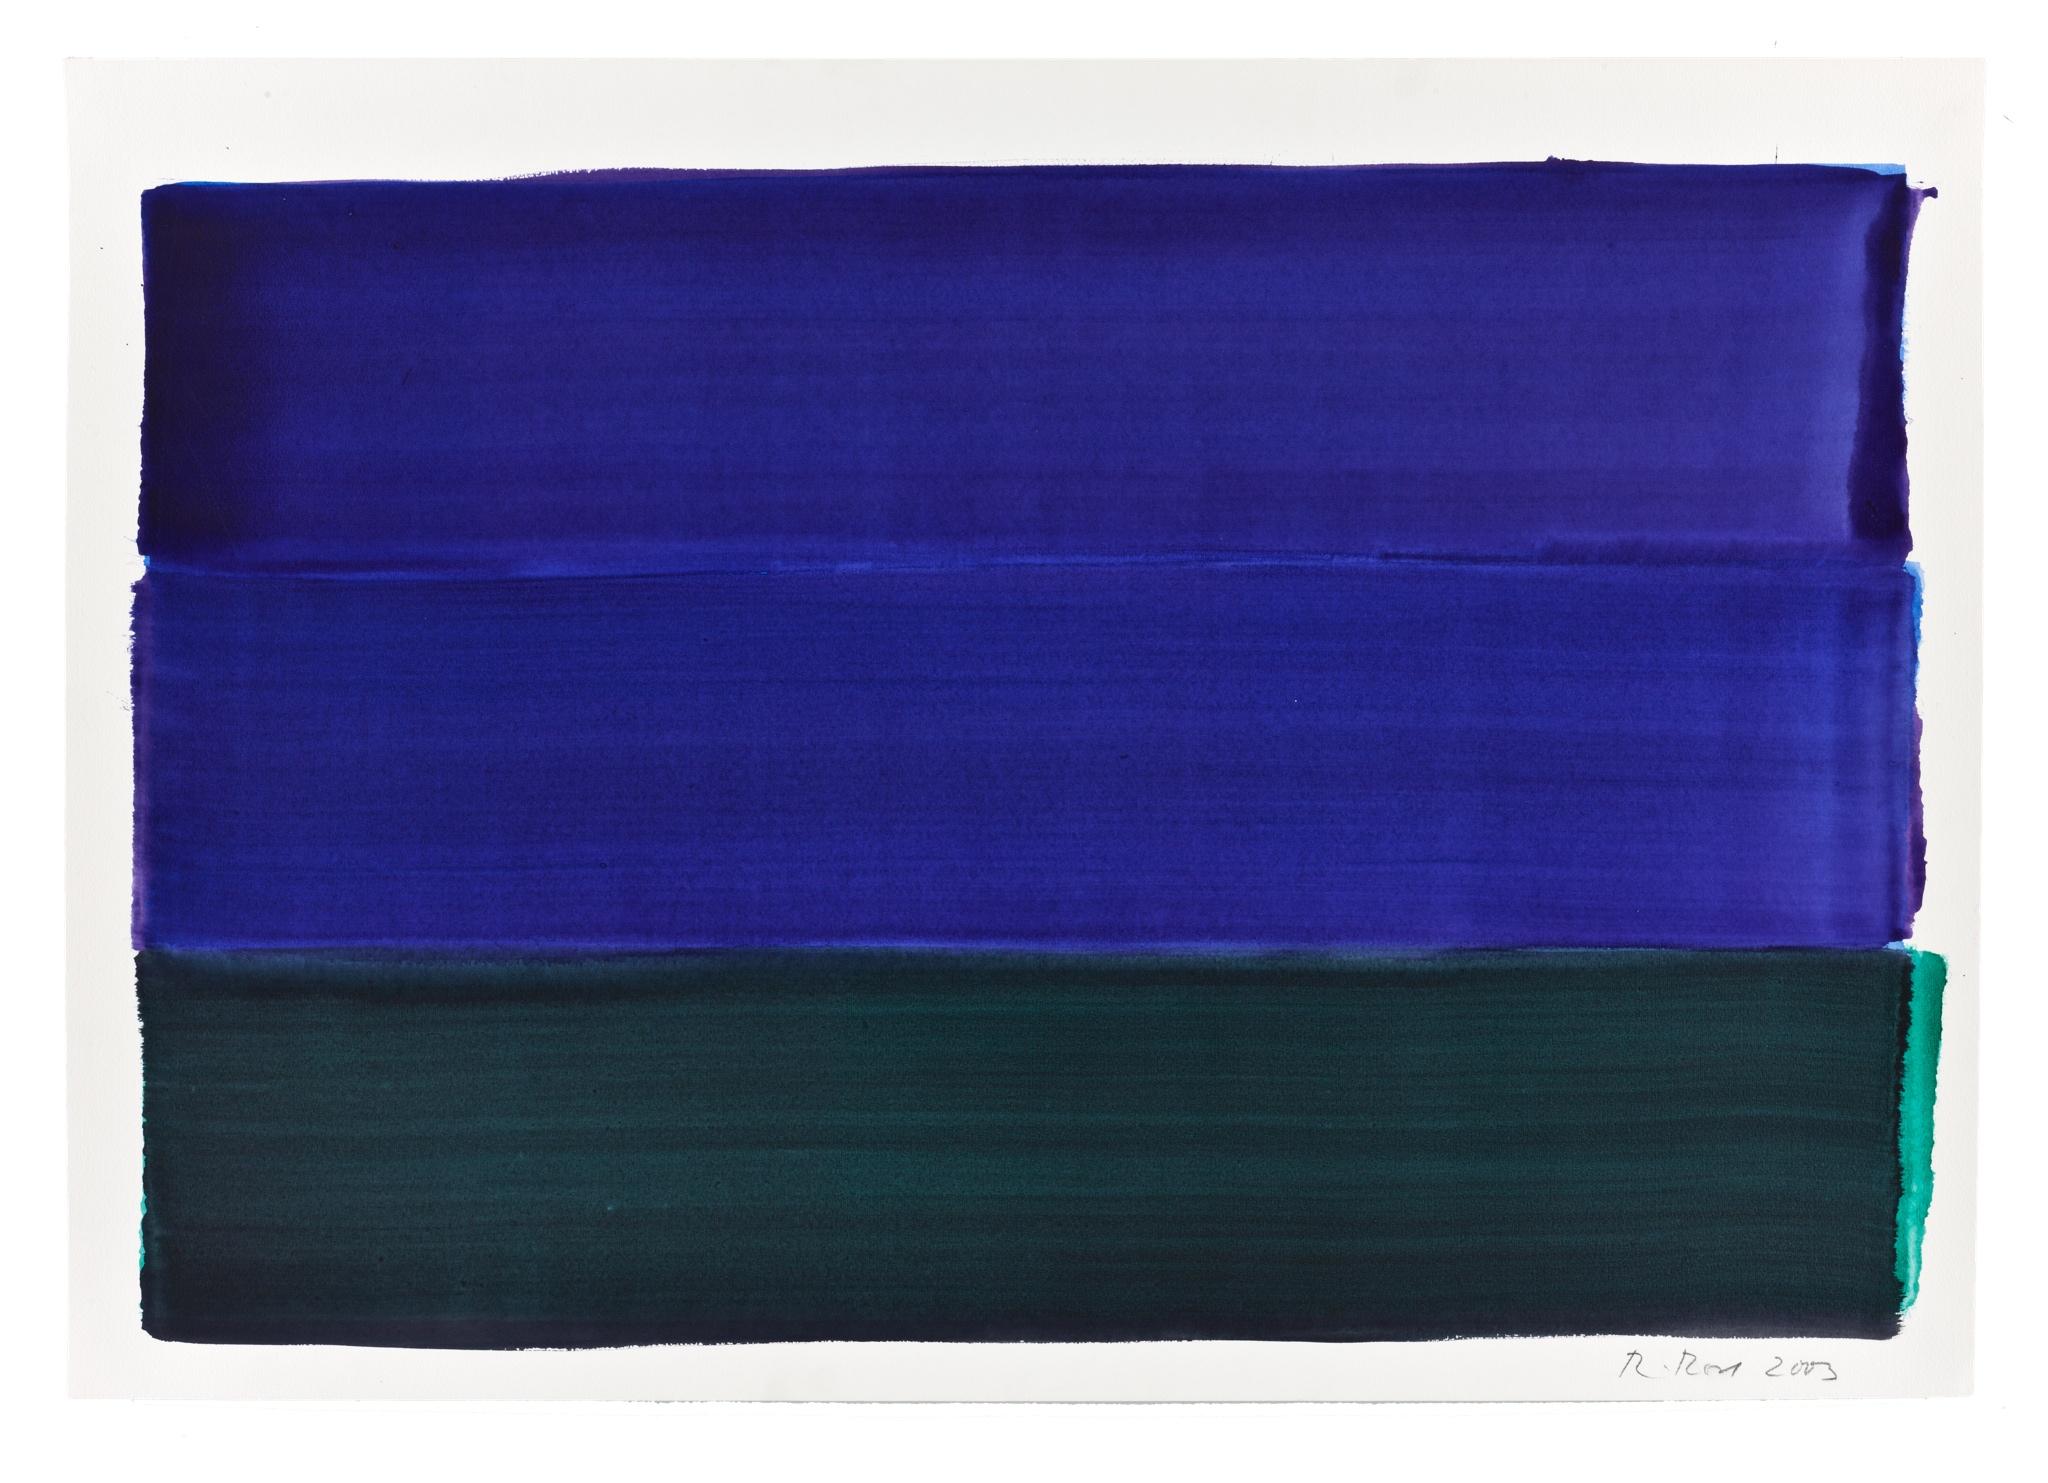 Rolf Rose, 70 x 100 cm, Aquacryl auf Aquarellpapier